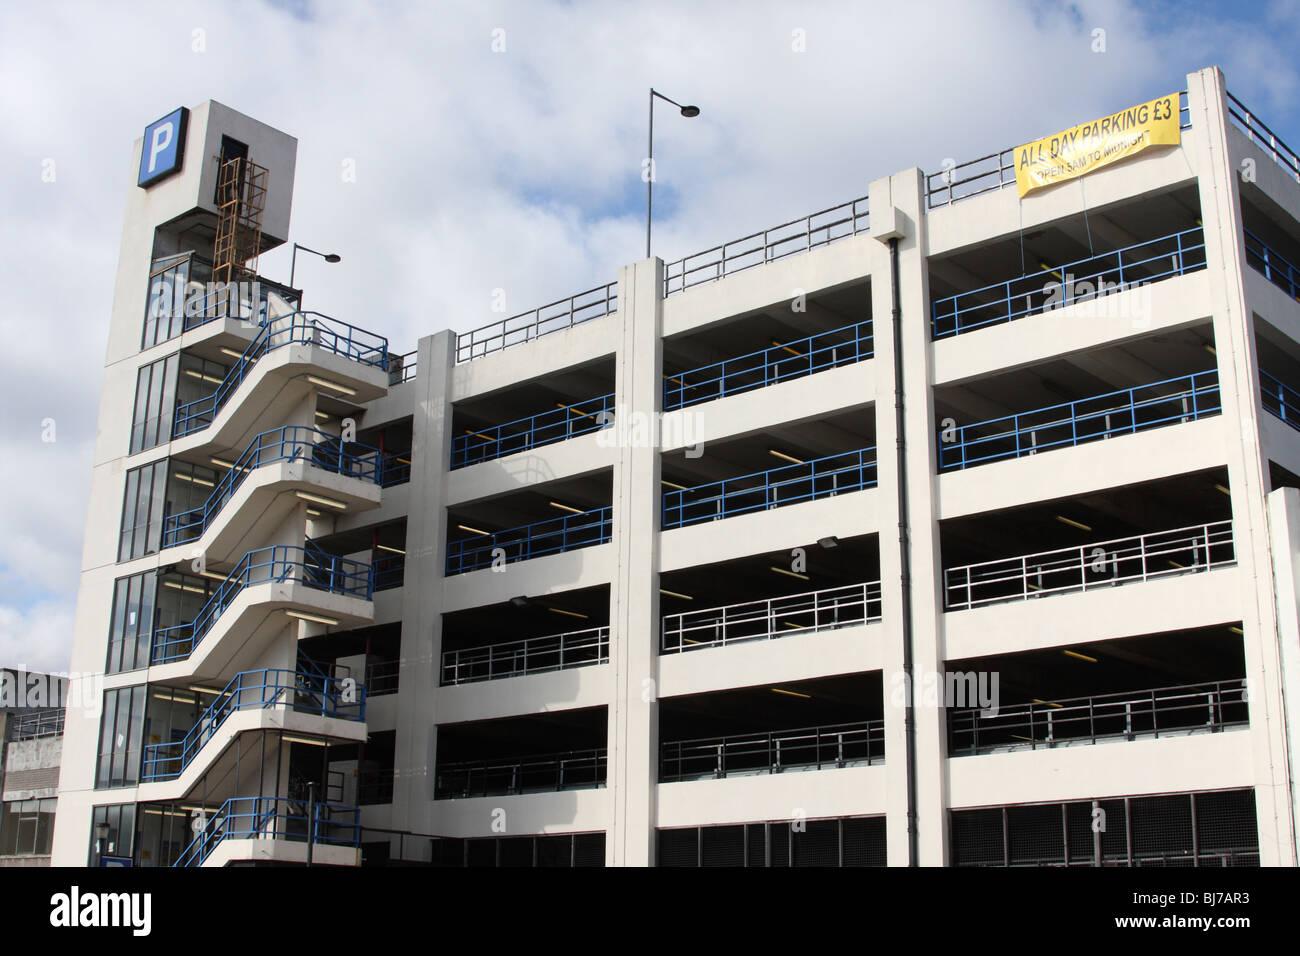 A multi-storey car park in a U.K. city. Stock Photo